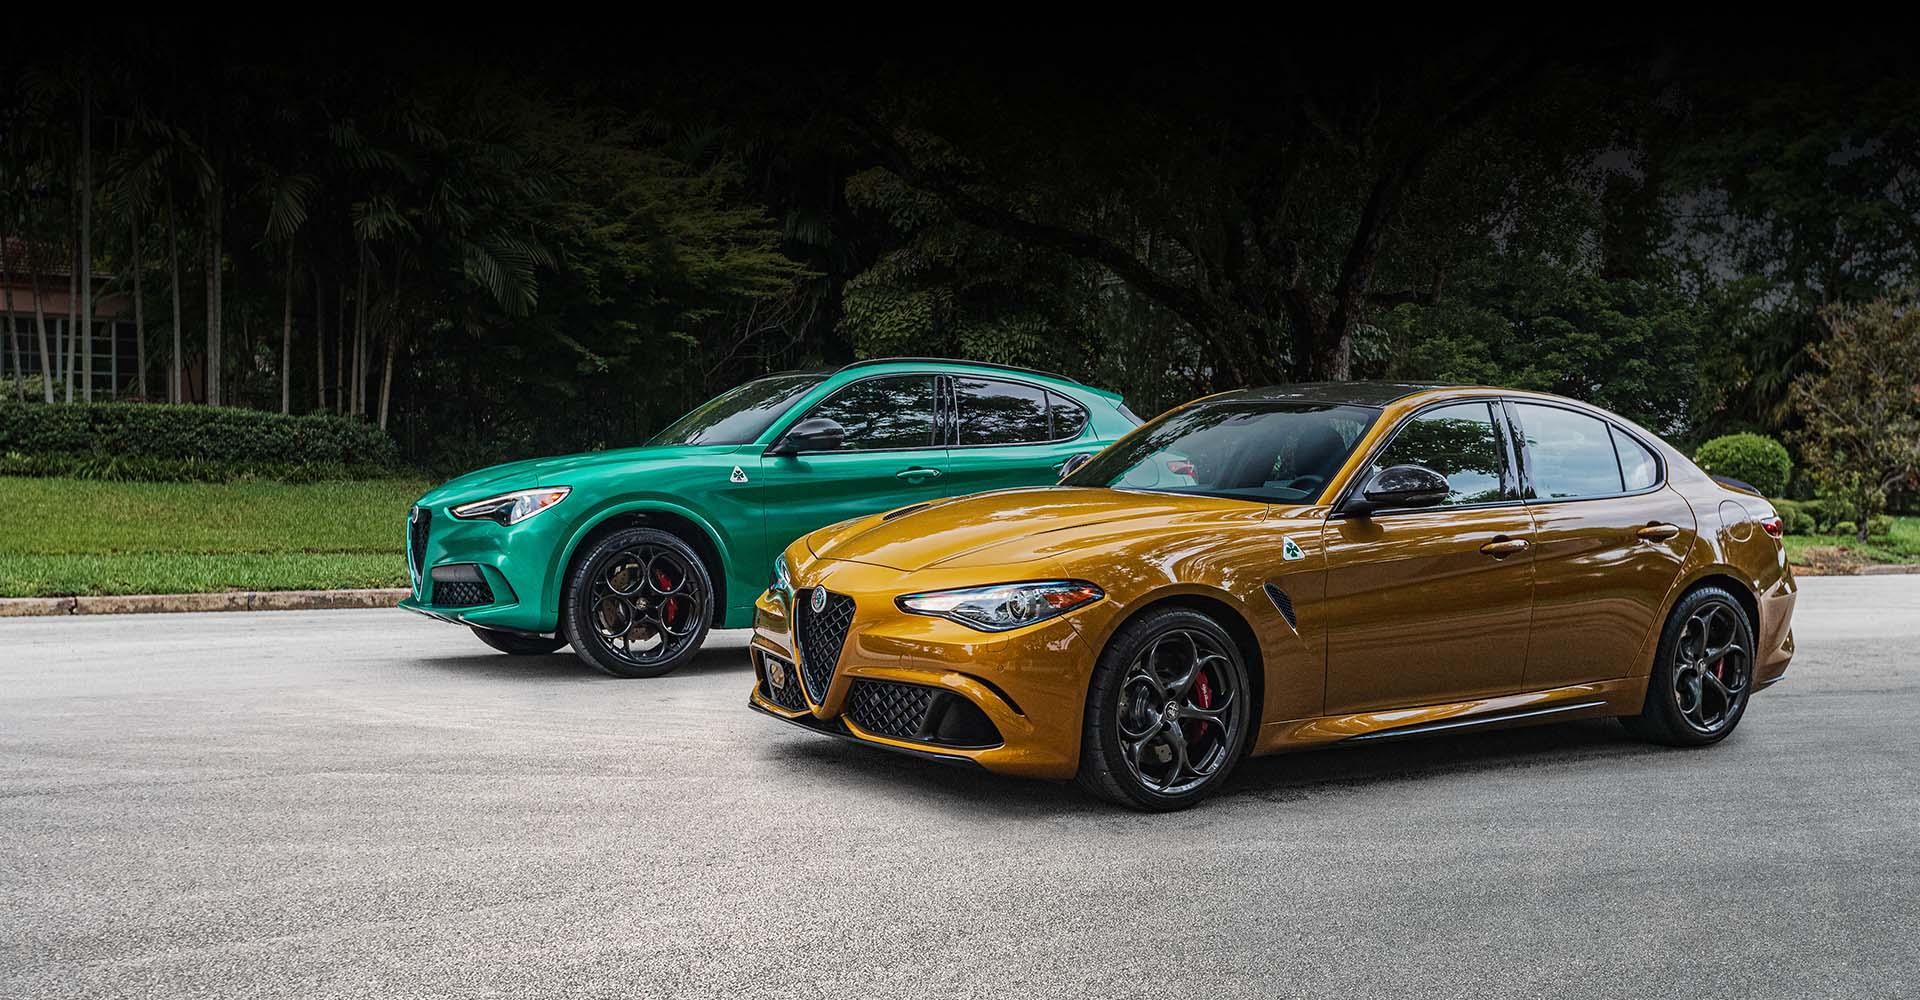 Un Alfa Romeo Stelvio Quadrifoglio 2022 verde y un Giulia Quadrifoglio dorado estacionados uno al lado del otro cerca de un entorno similar a un parque.